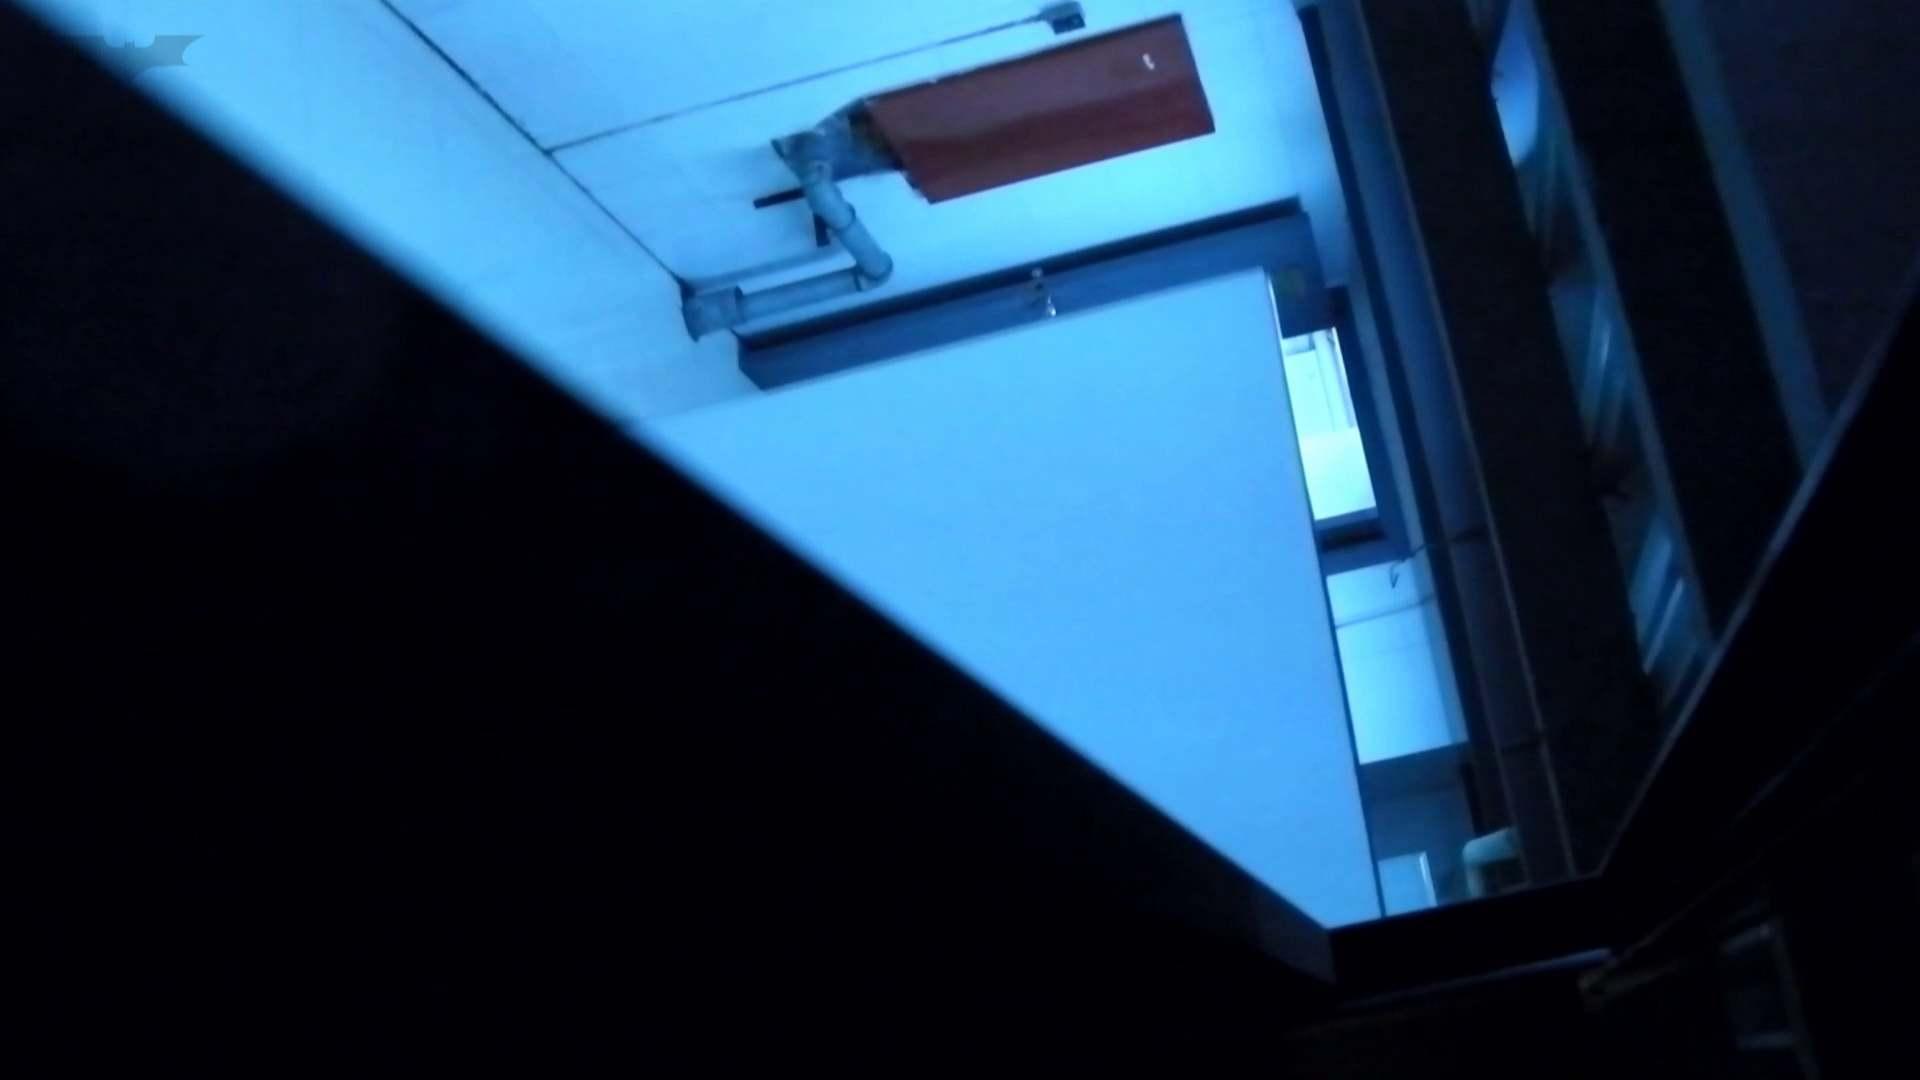 新世界の射窓 No72 モデル級なら個室から飛び出て追っかけます 高画質 SEX無修正画像 108枚 17